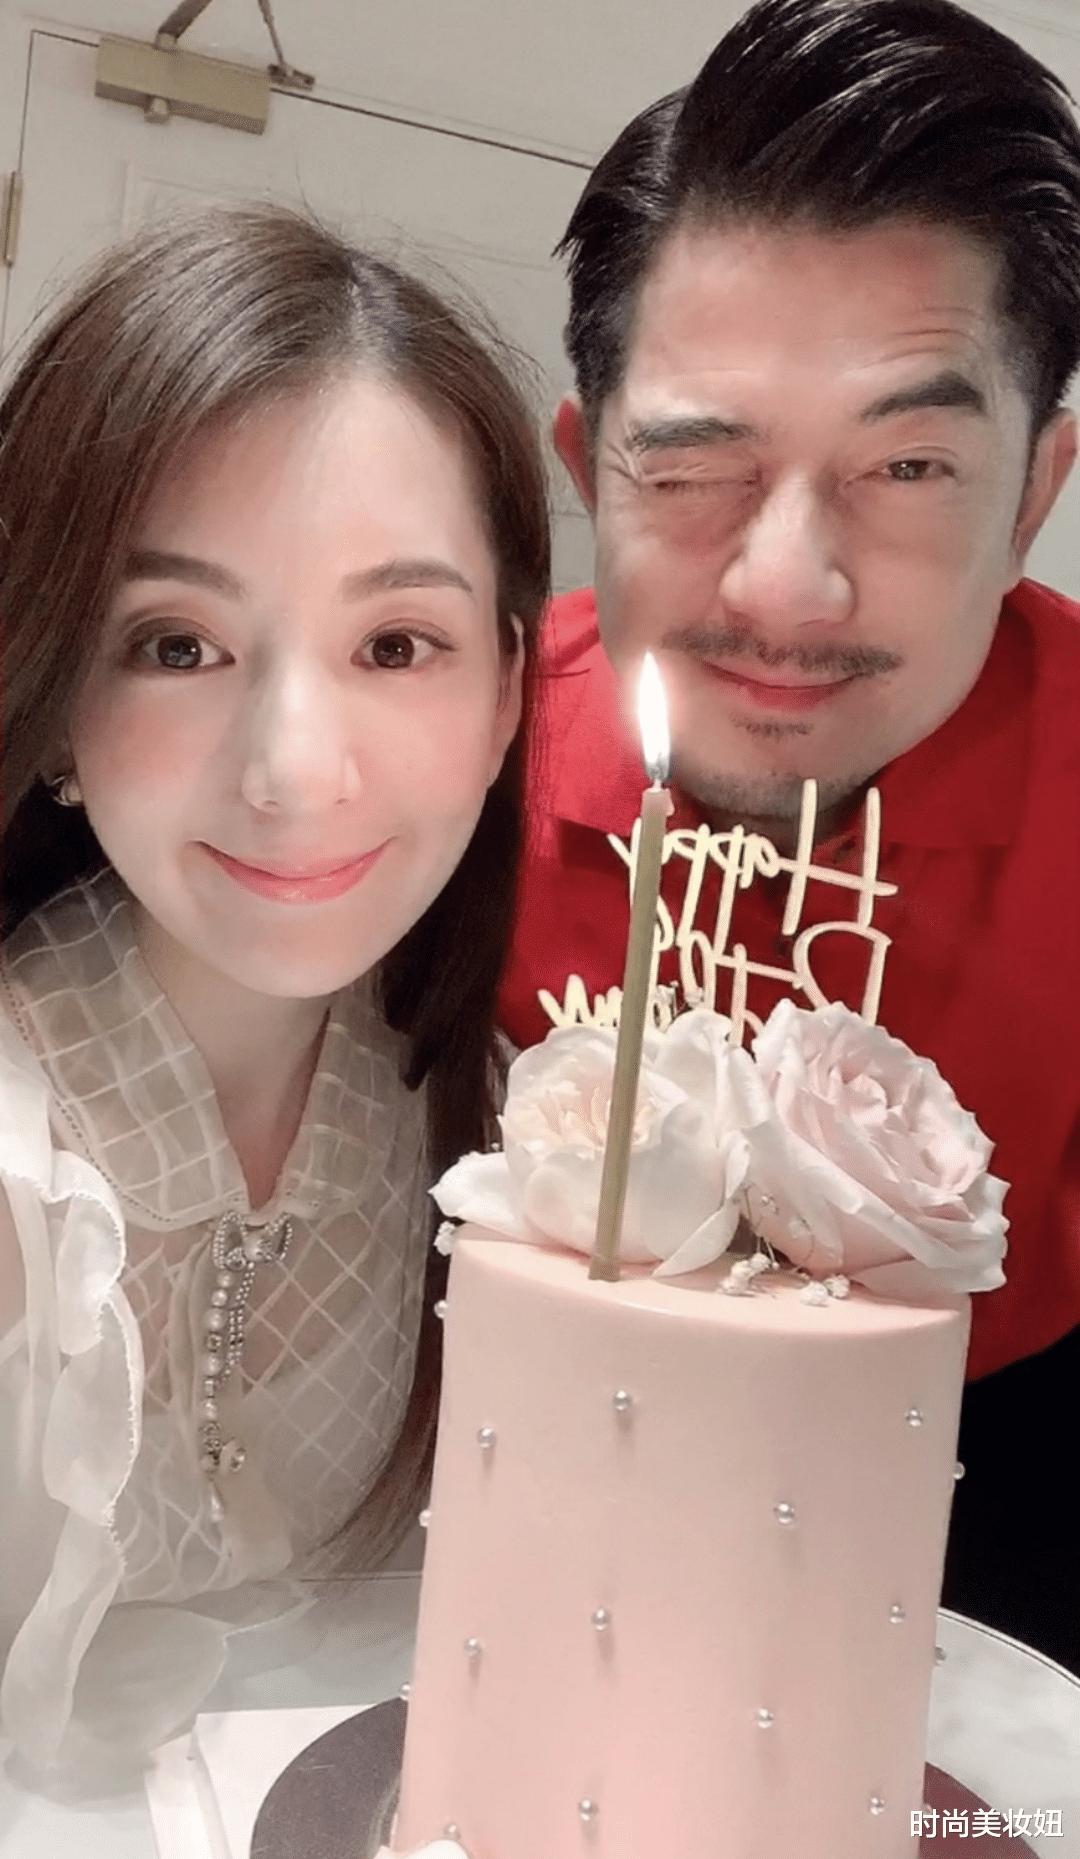 郭富城发去年的照片为老婆庆生,方媛气质越发高级,不愧是天王嫂